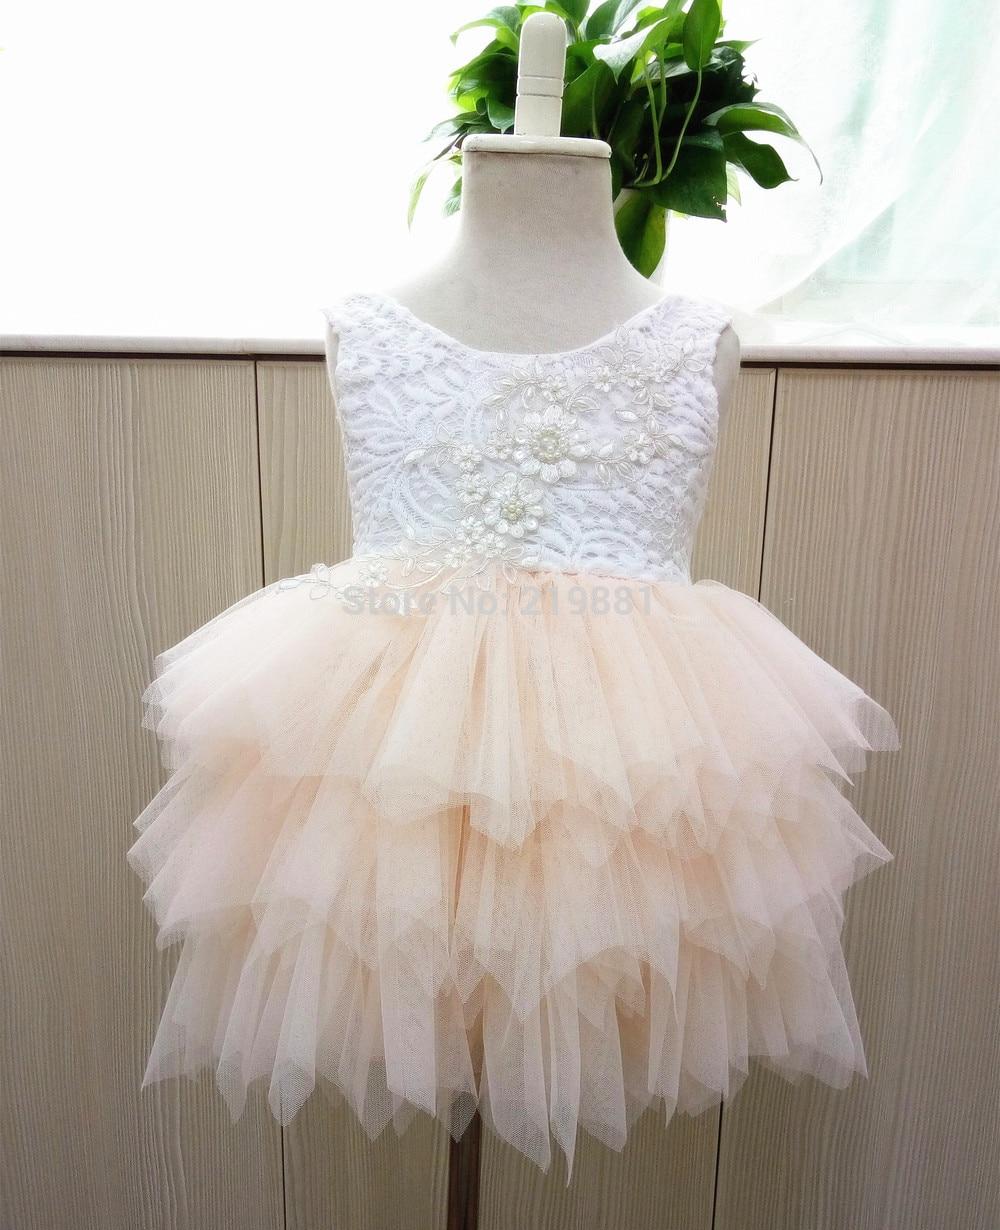 Princess Tutu Dresses for Girls